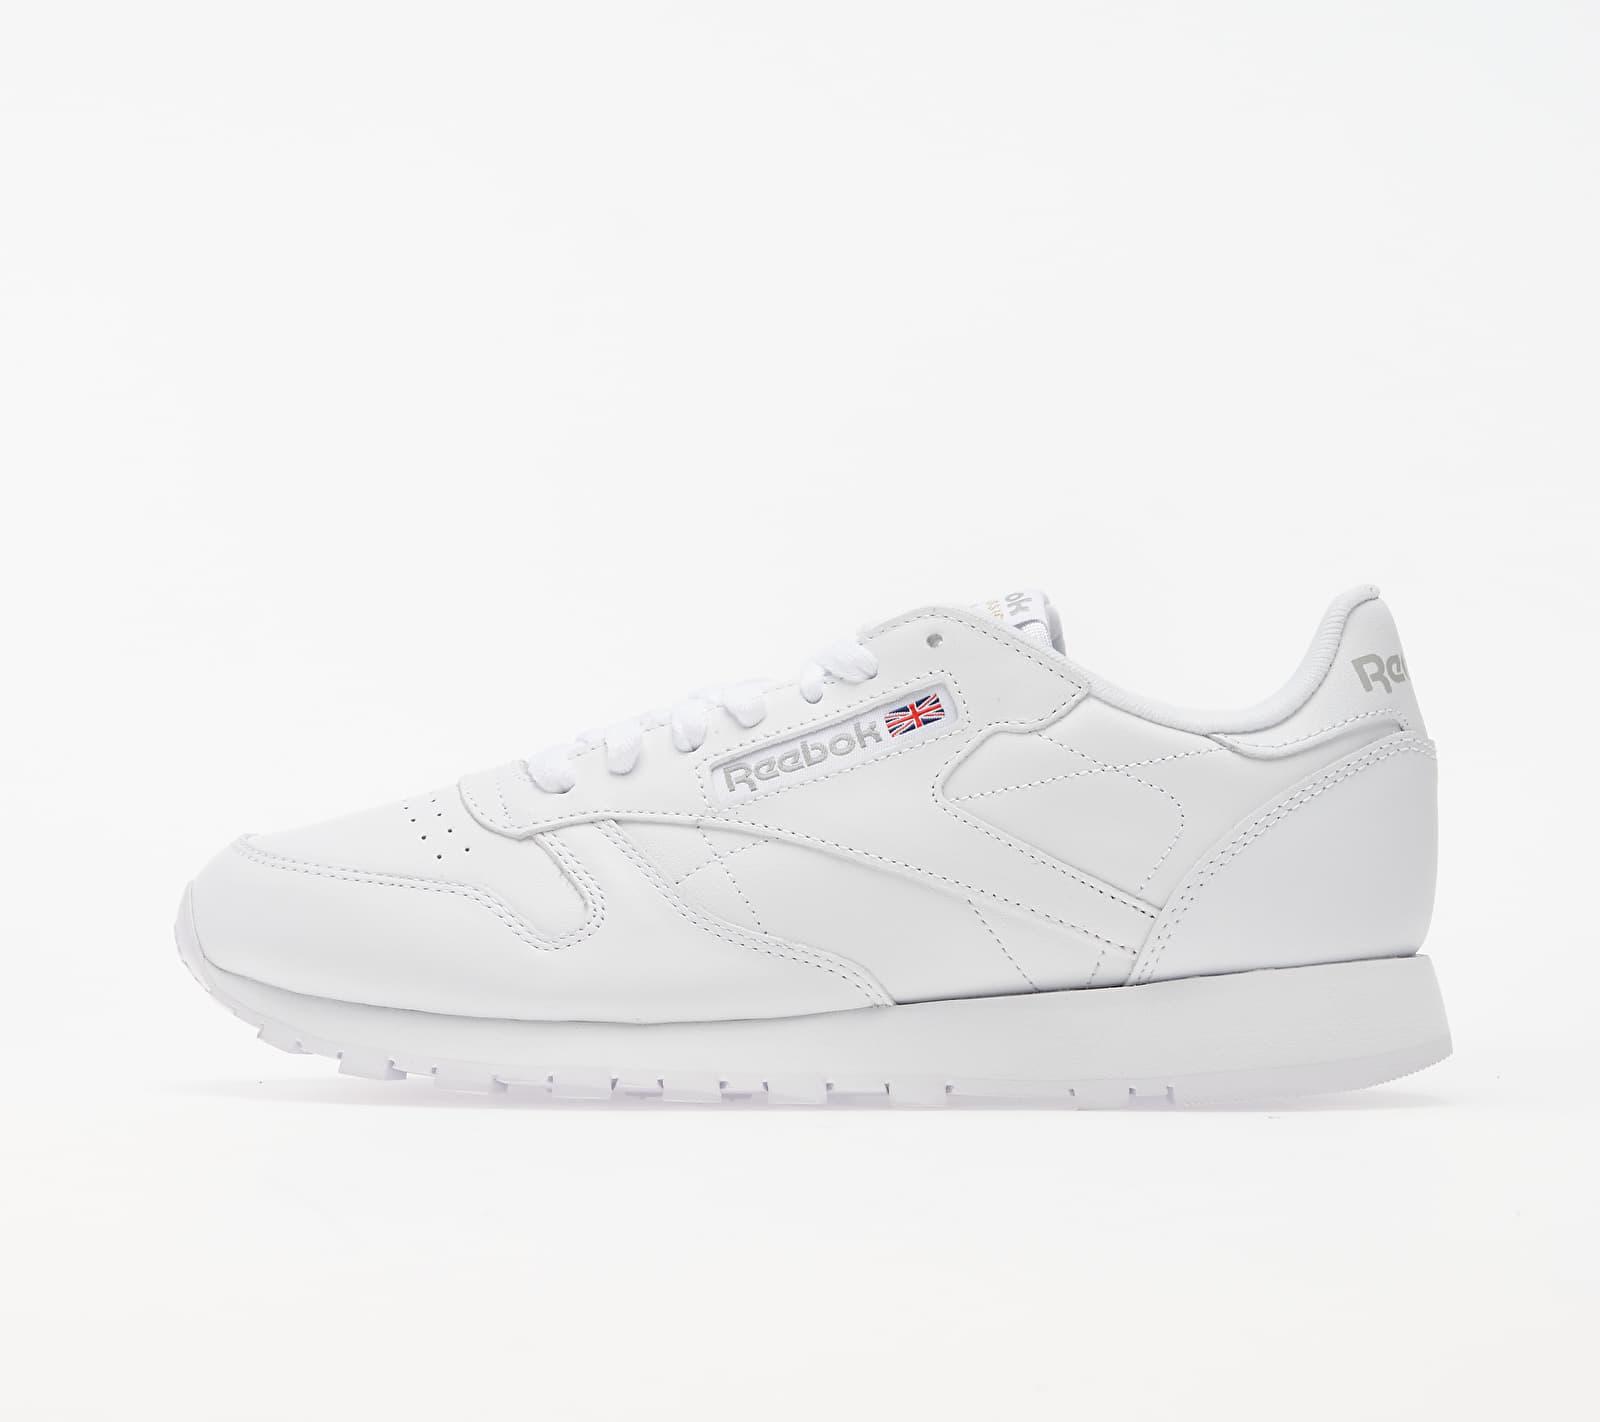 Reebok Classic Leather White/ White/ Light Grey EUR 42.5